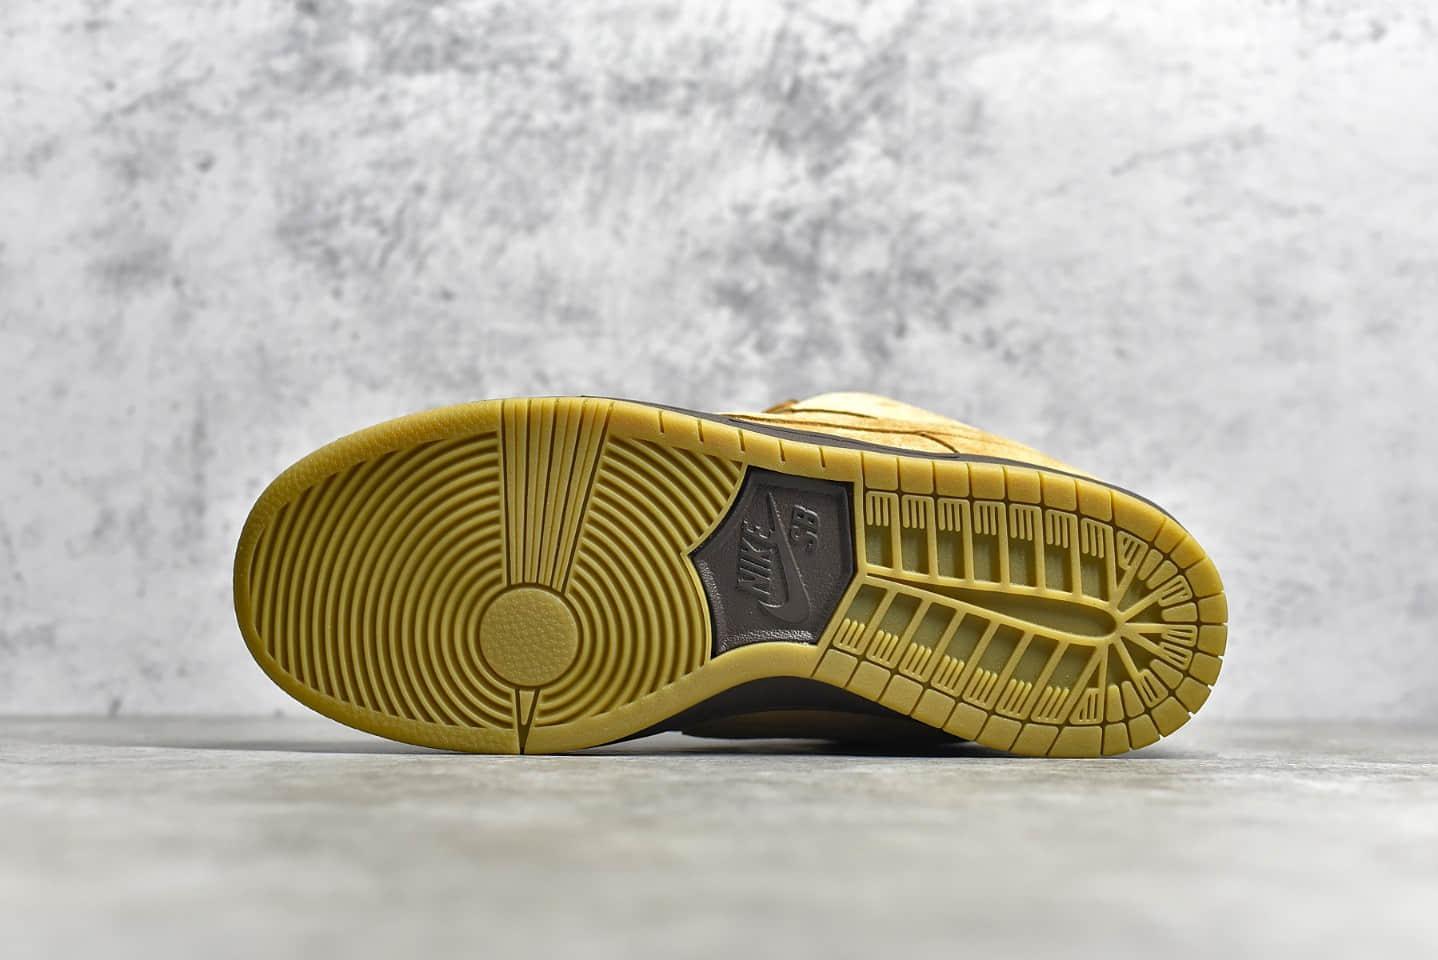 耐克SB Dunk小麦低帮板鞋 NIKE SB Dunk Low 纯原版本耐克小麦色板鞋深棕色搭配生胶大底 货号:BQ6817-204-潮流者之家